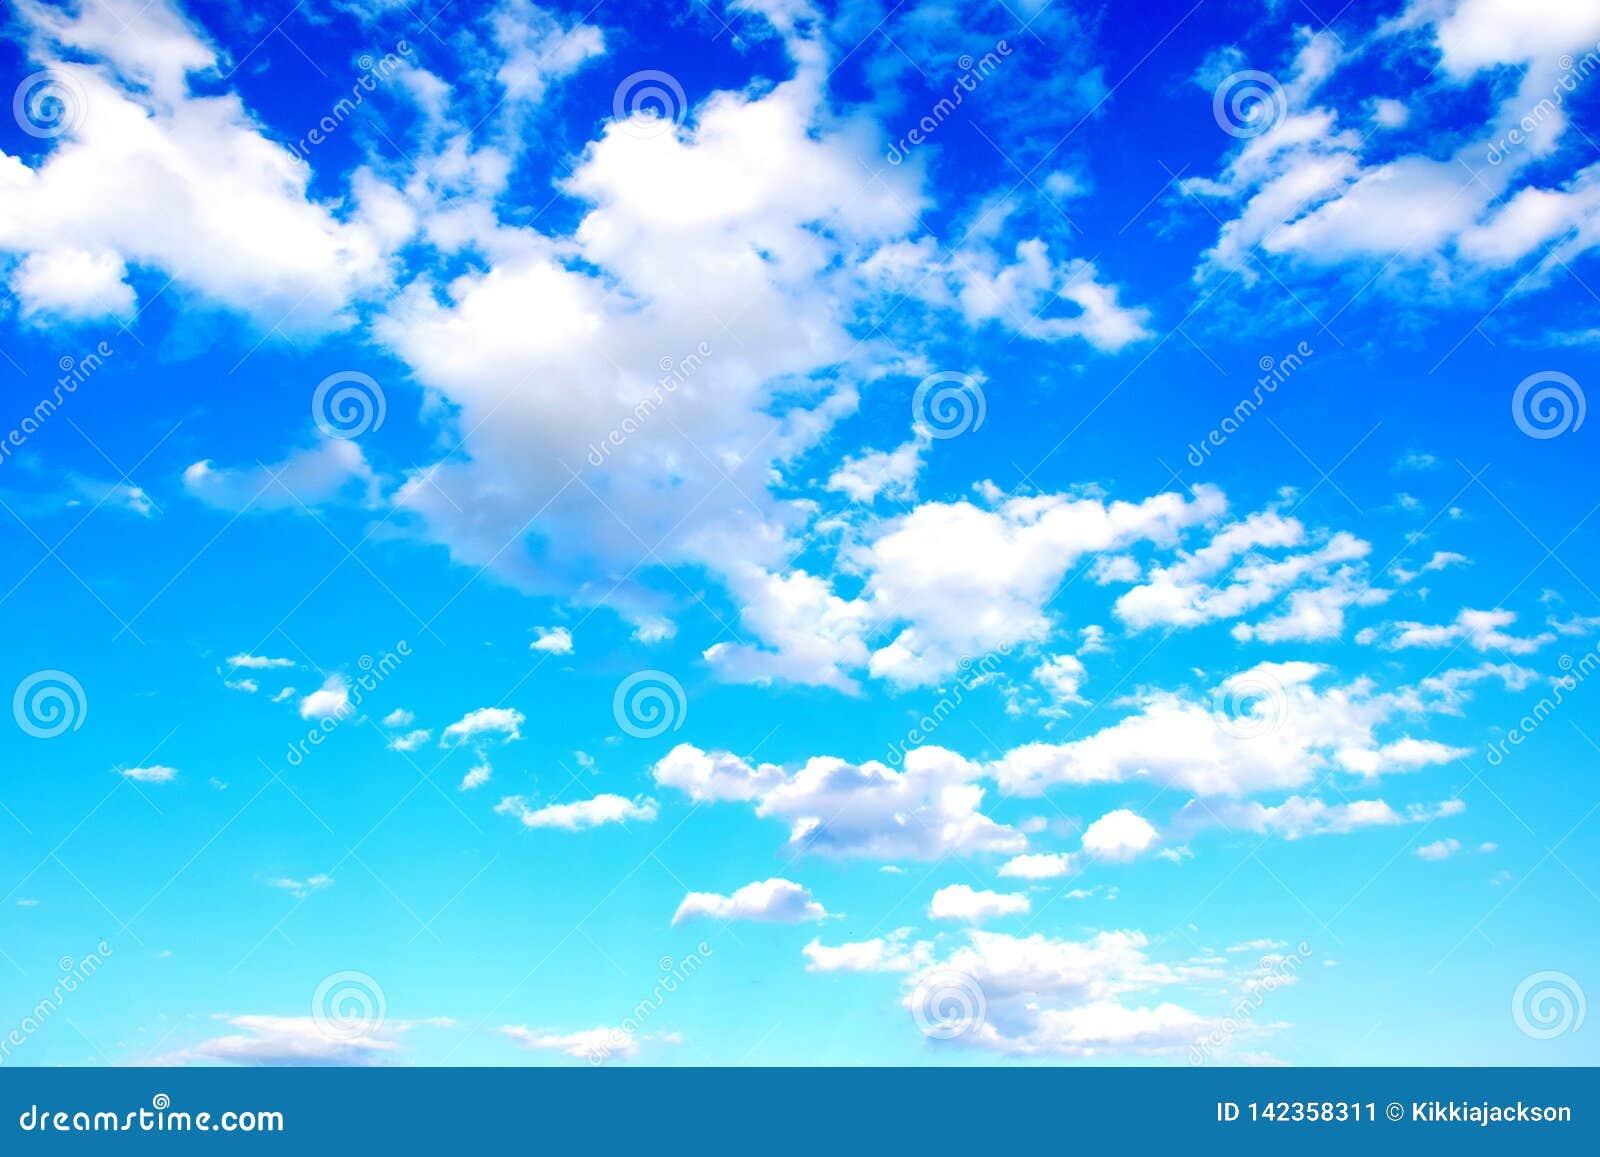 Hemelblauw met Wolken Kleurrijke Toneel Achtergrondvoorraadfoto